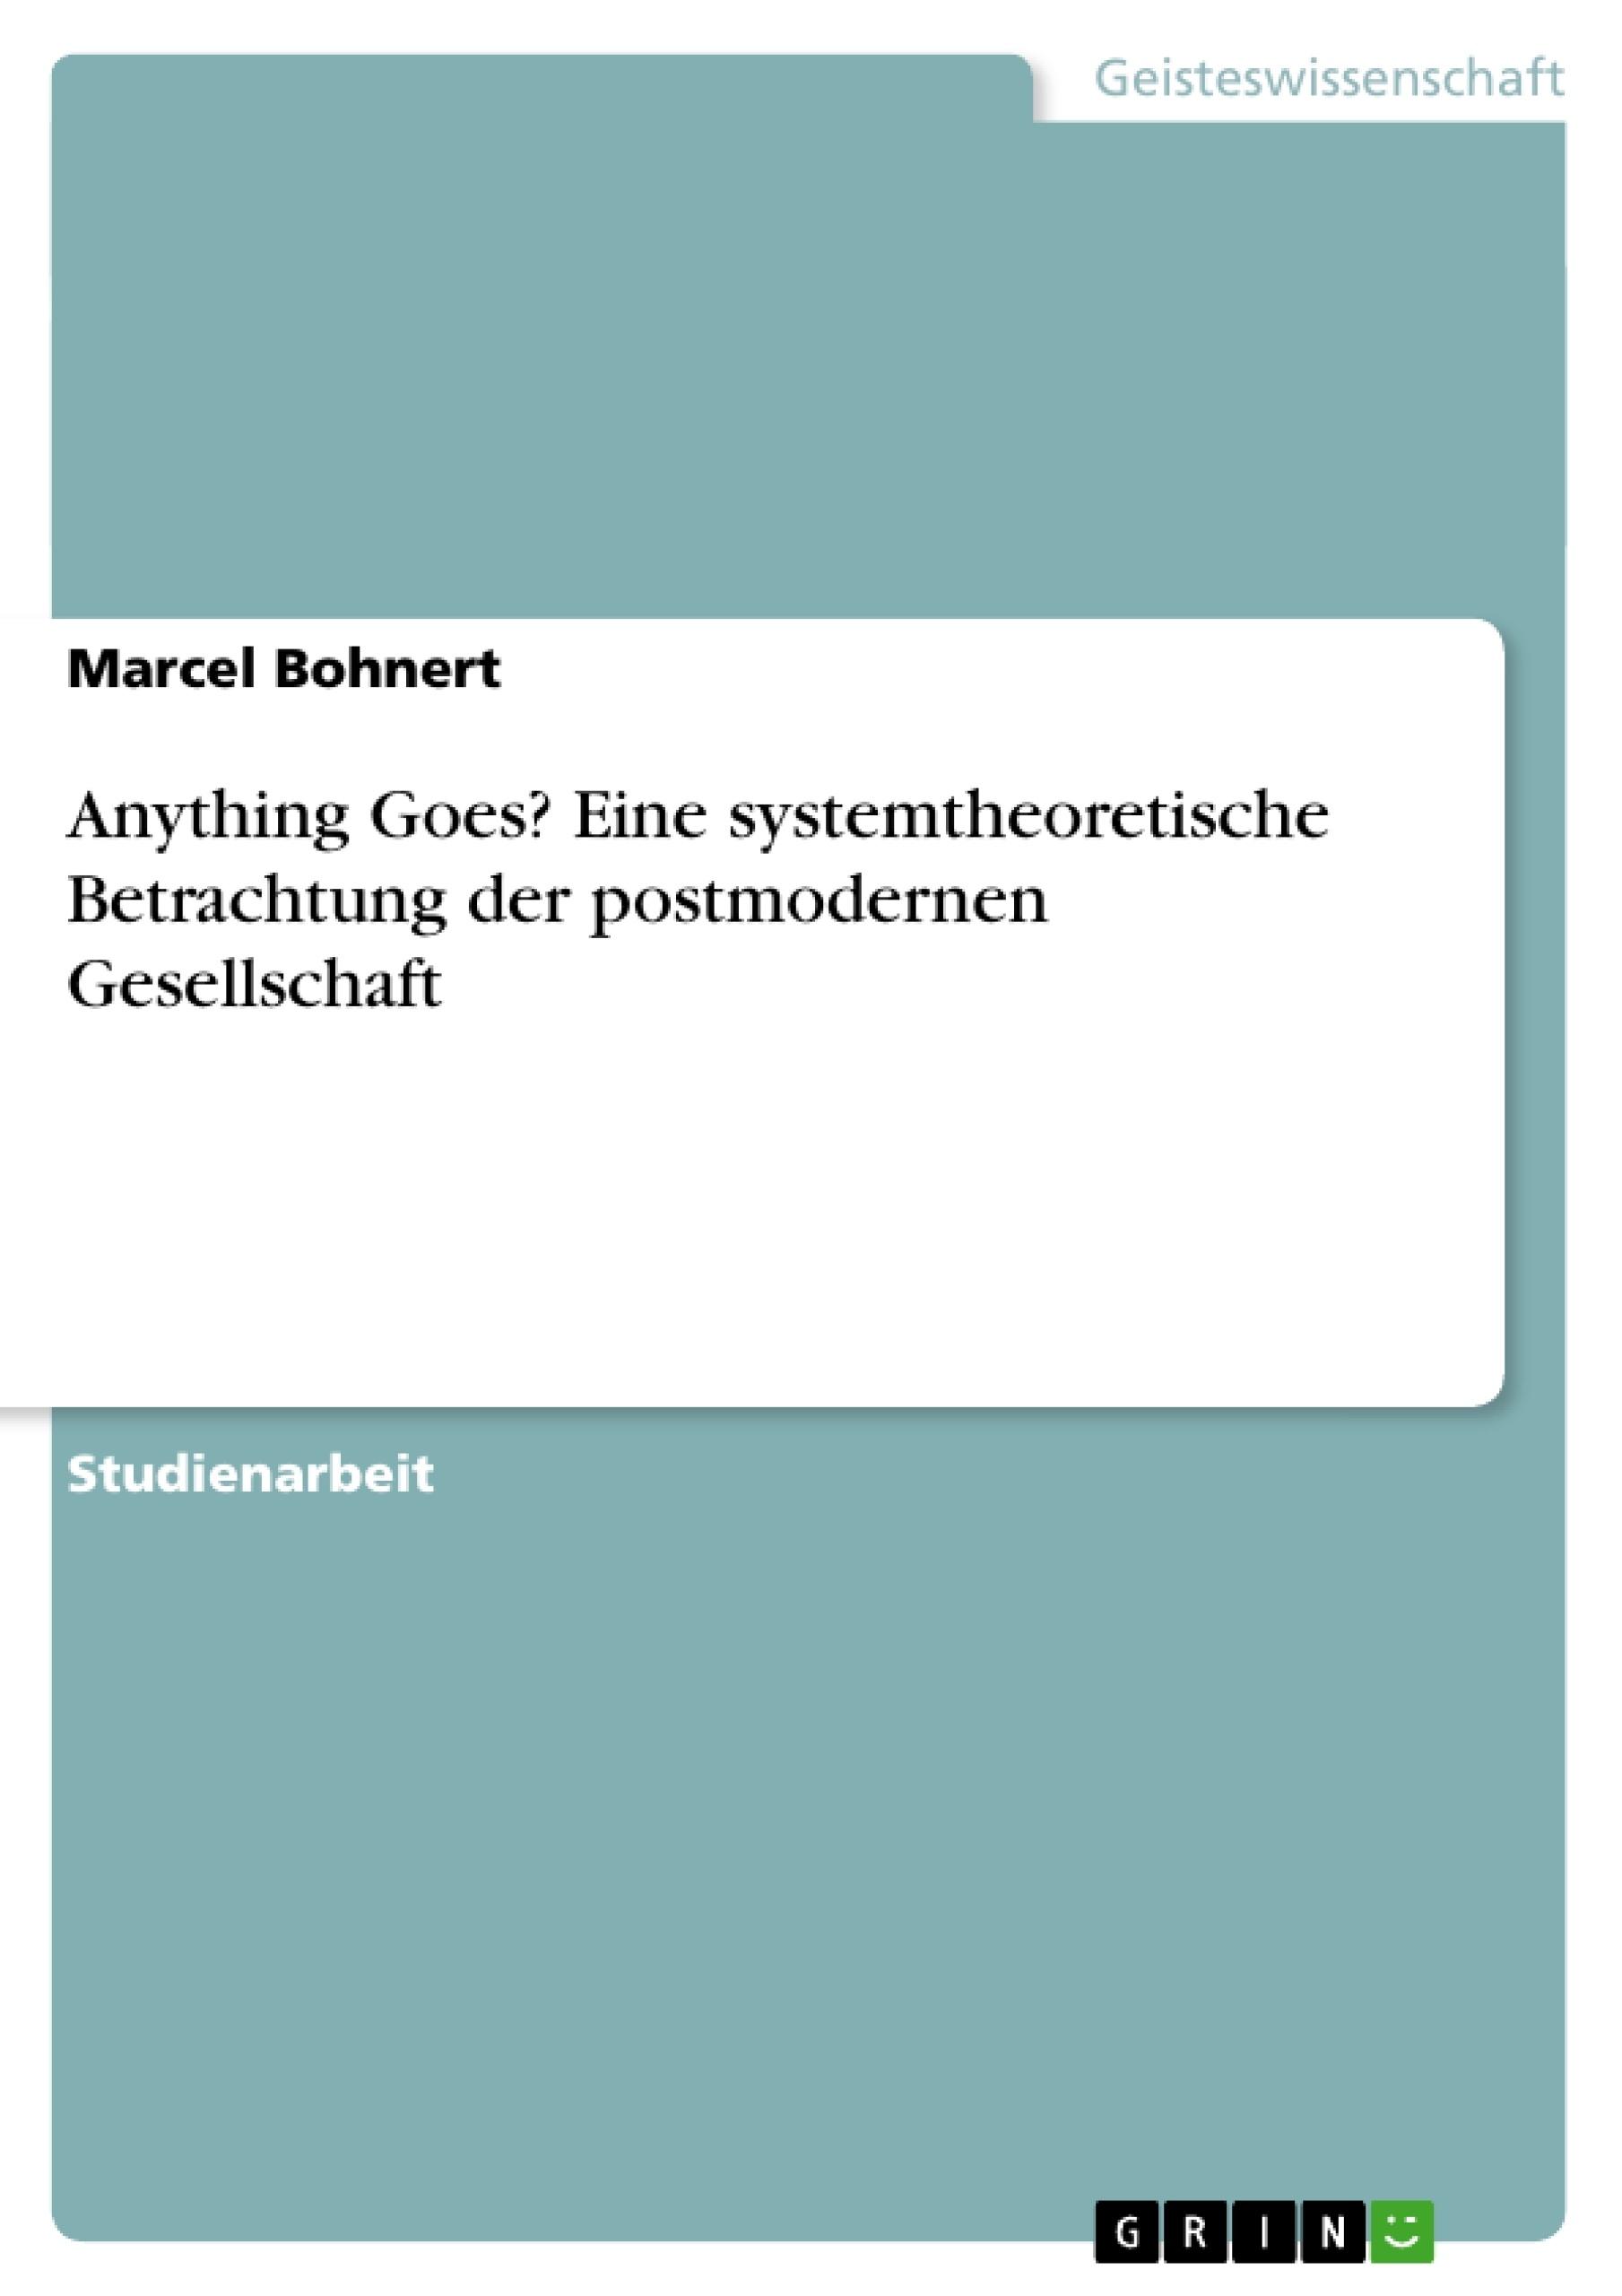 Titel: Anything Goes? Eine systemtheoretische Betrachtung der postmodernen Gesellschaft